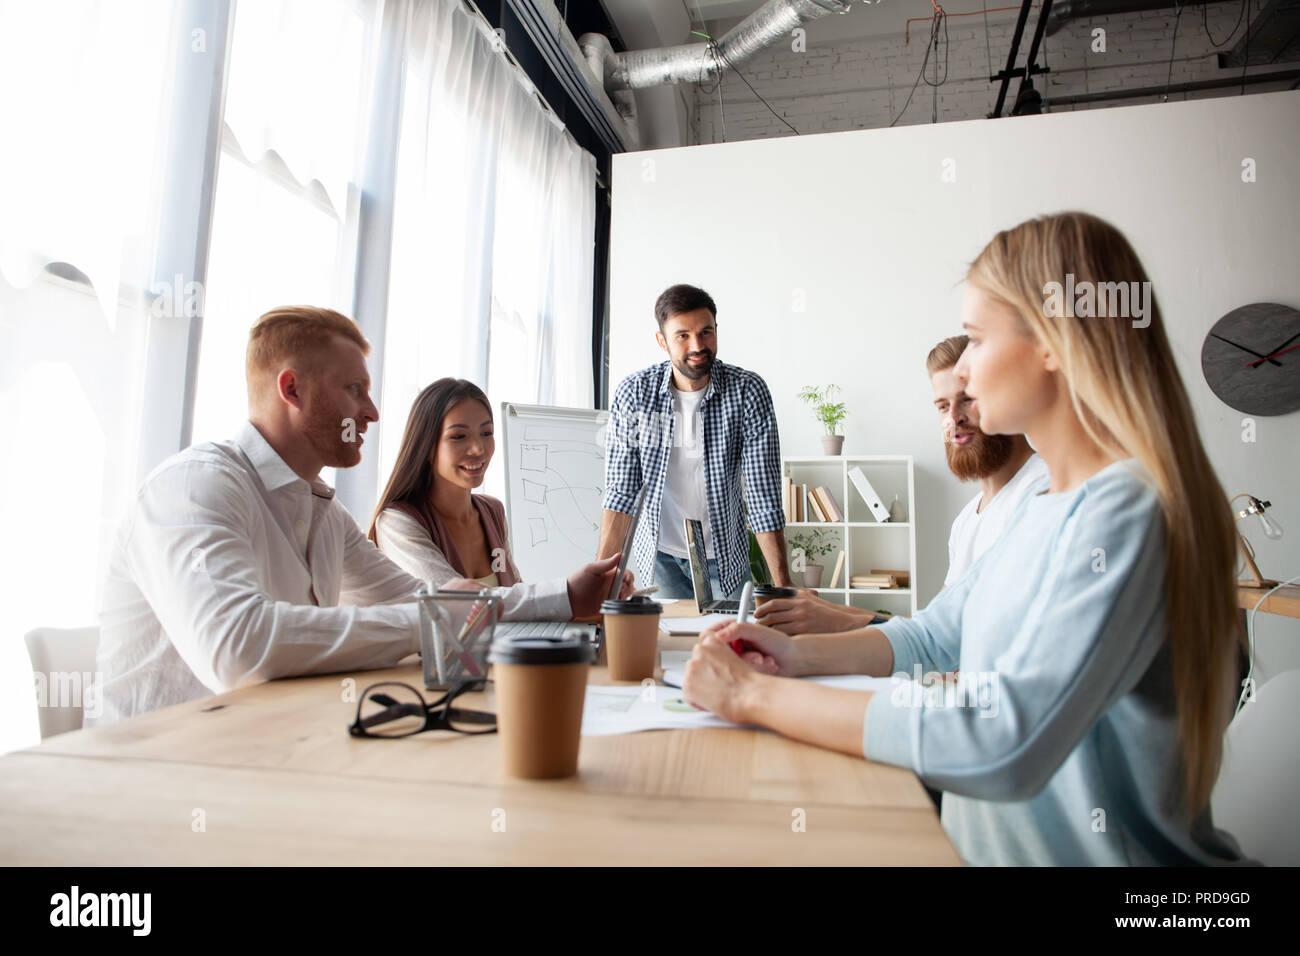 Giovane team di collaboratori di grande discussione aziendale nel moderno ufficio coworking.Il lavoro di squadra di persone concetto Immagini Stock